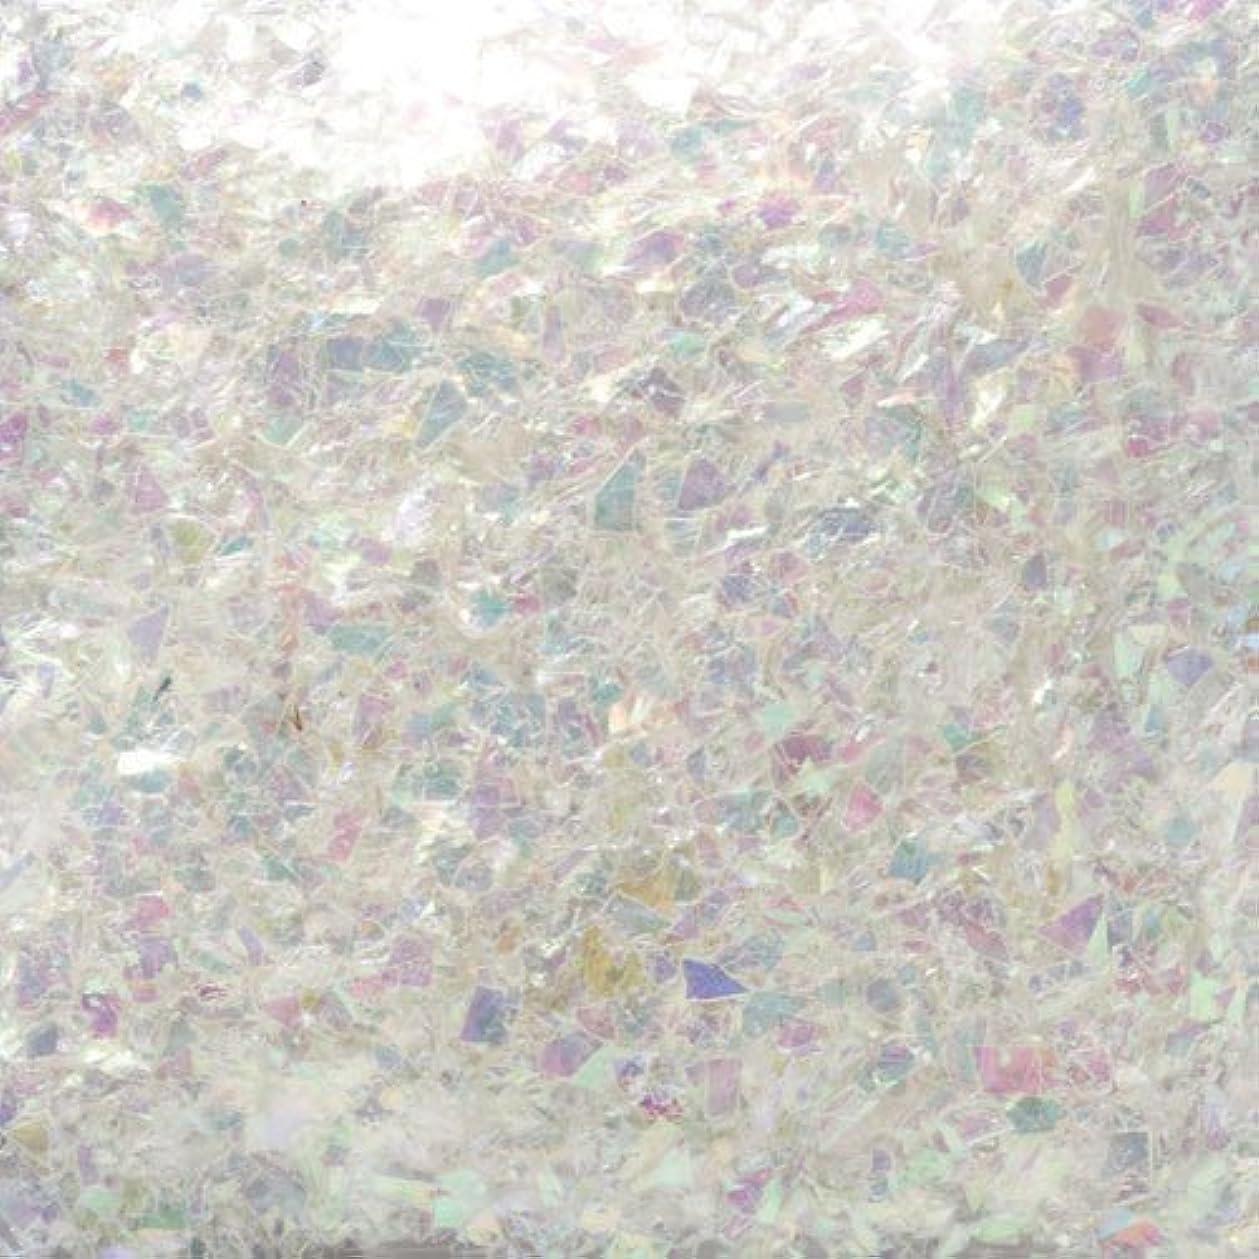 作曲家認可製品ピカエース ネイル用パウダー ピカエース 乱切オーロラ #710 ホワイト 1g アート材